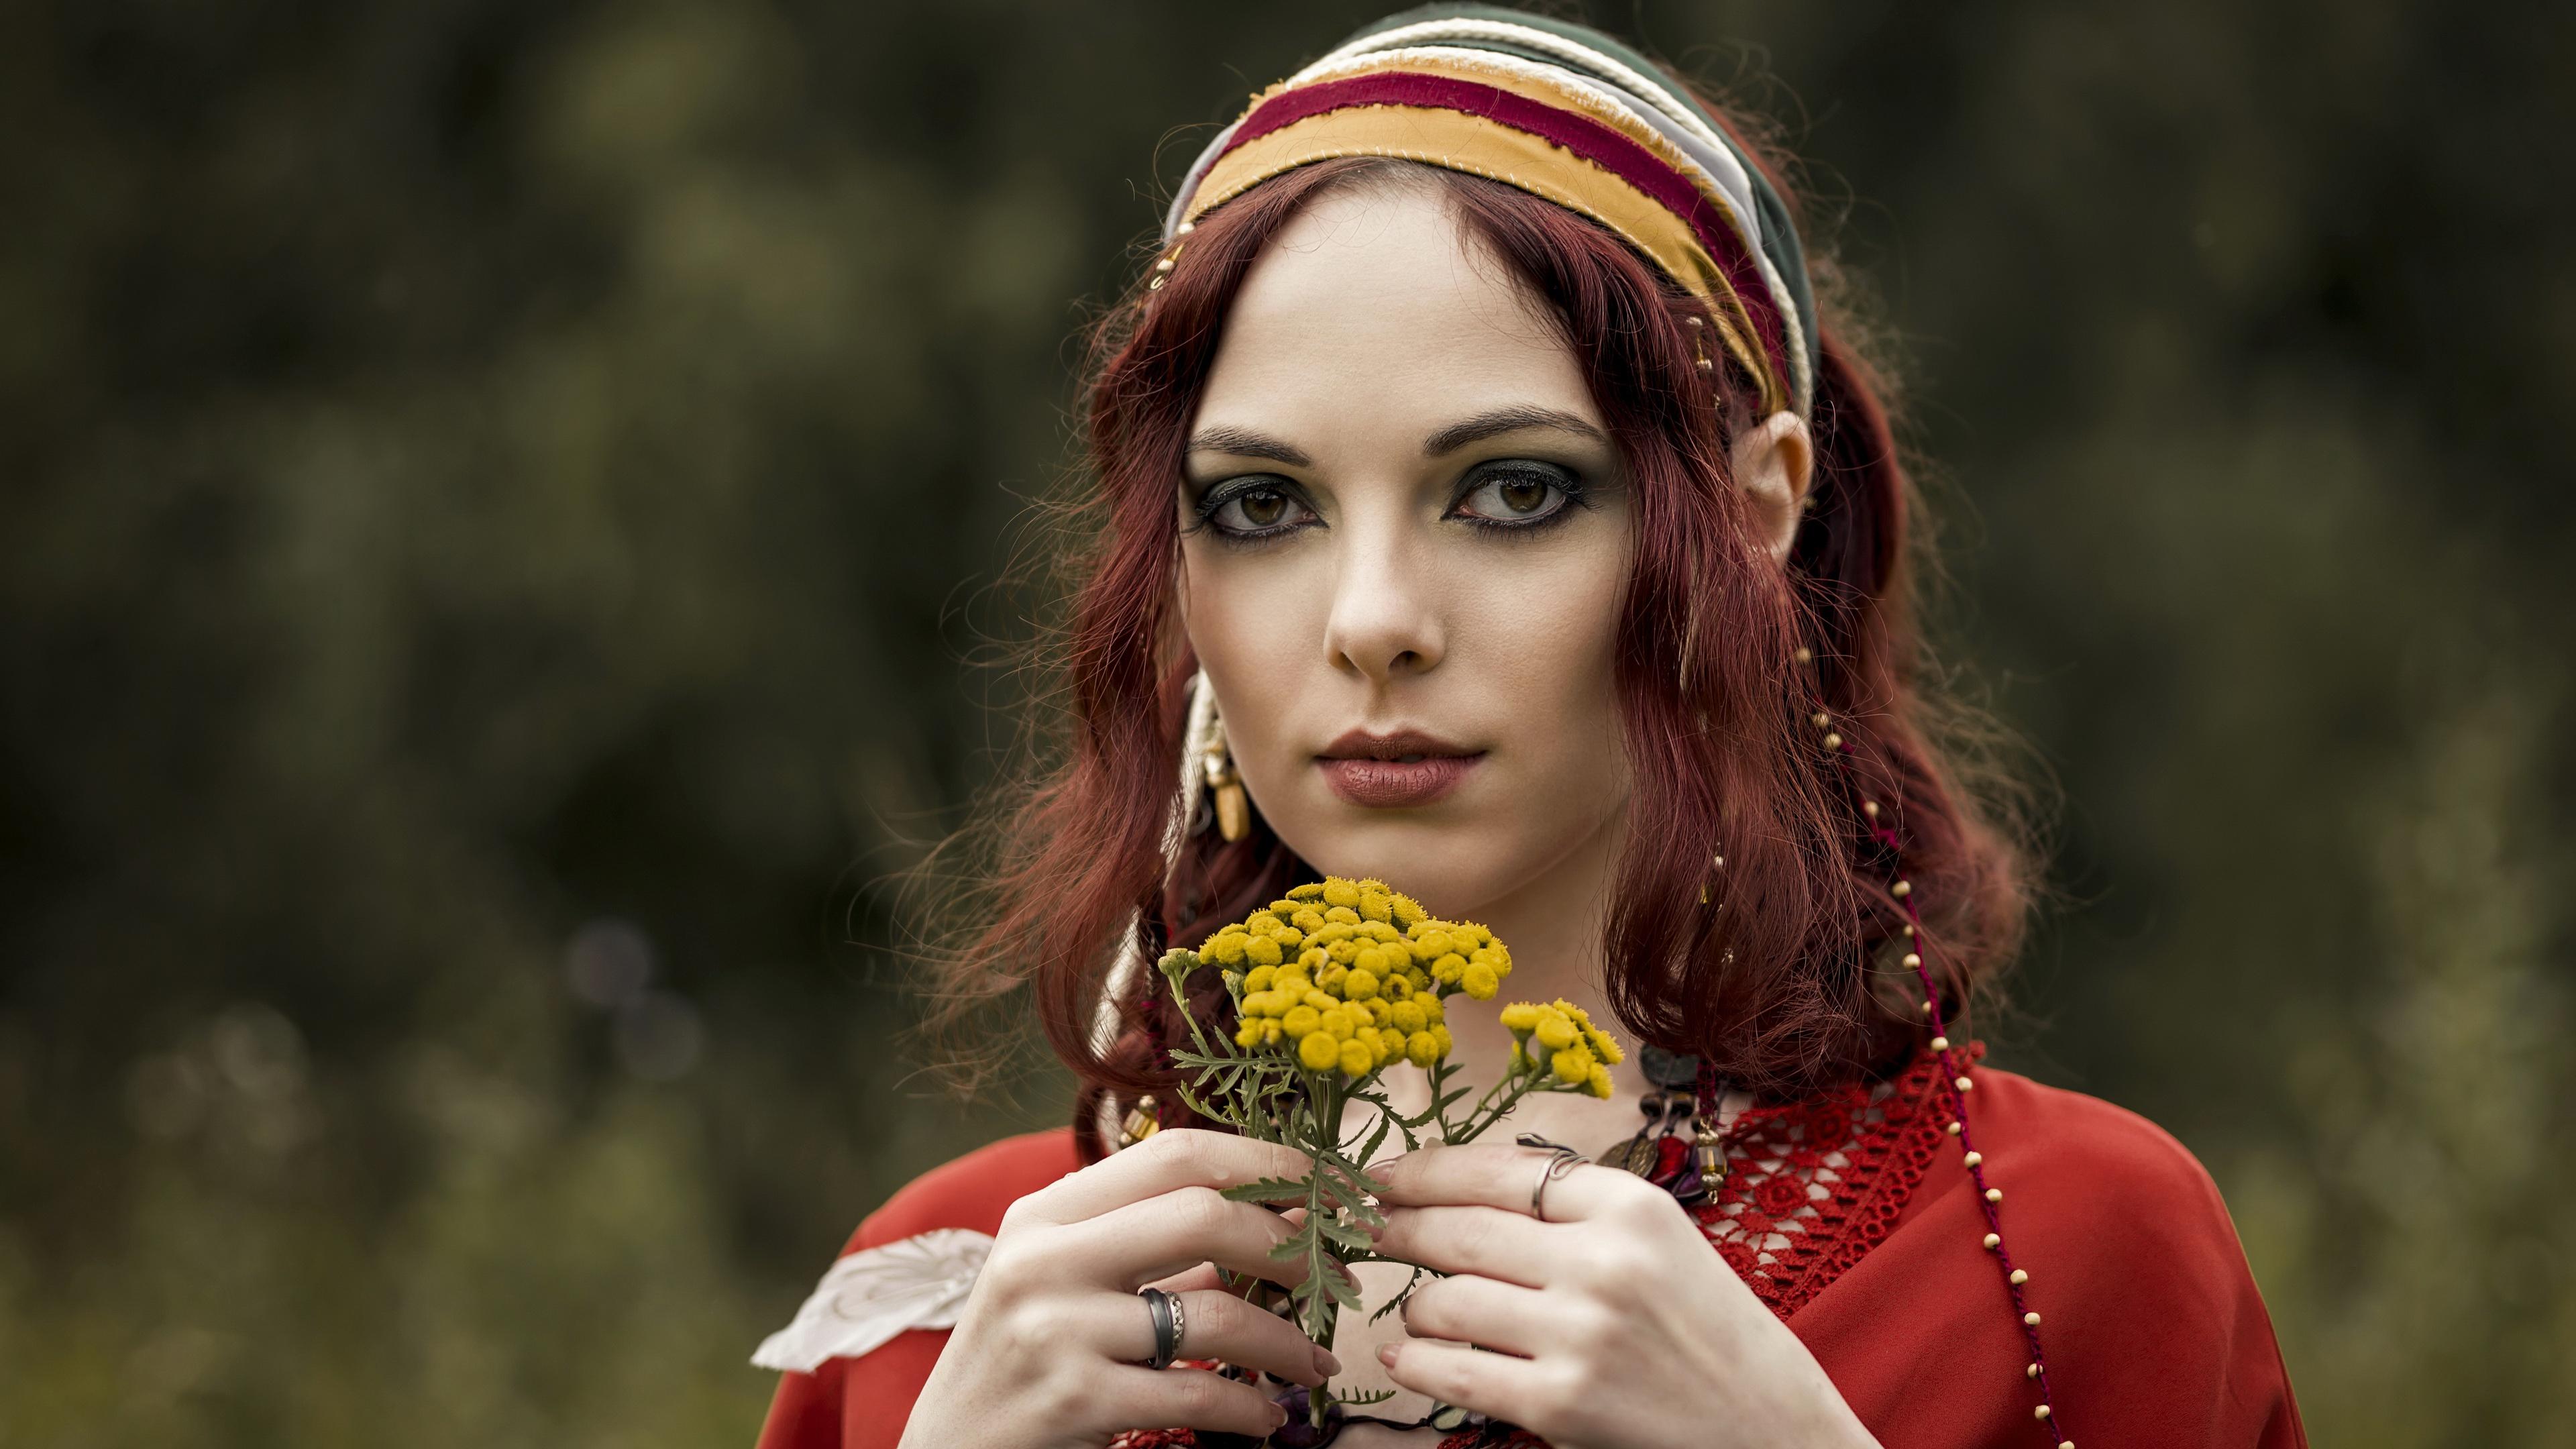 Фотографии рыжие Размытый фон лица молодые женщины рука смотрят Рыжая рыжих боке Лицо девушка Девушки молодая женщина Руки Взгляд смотрит